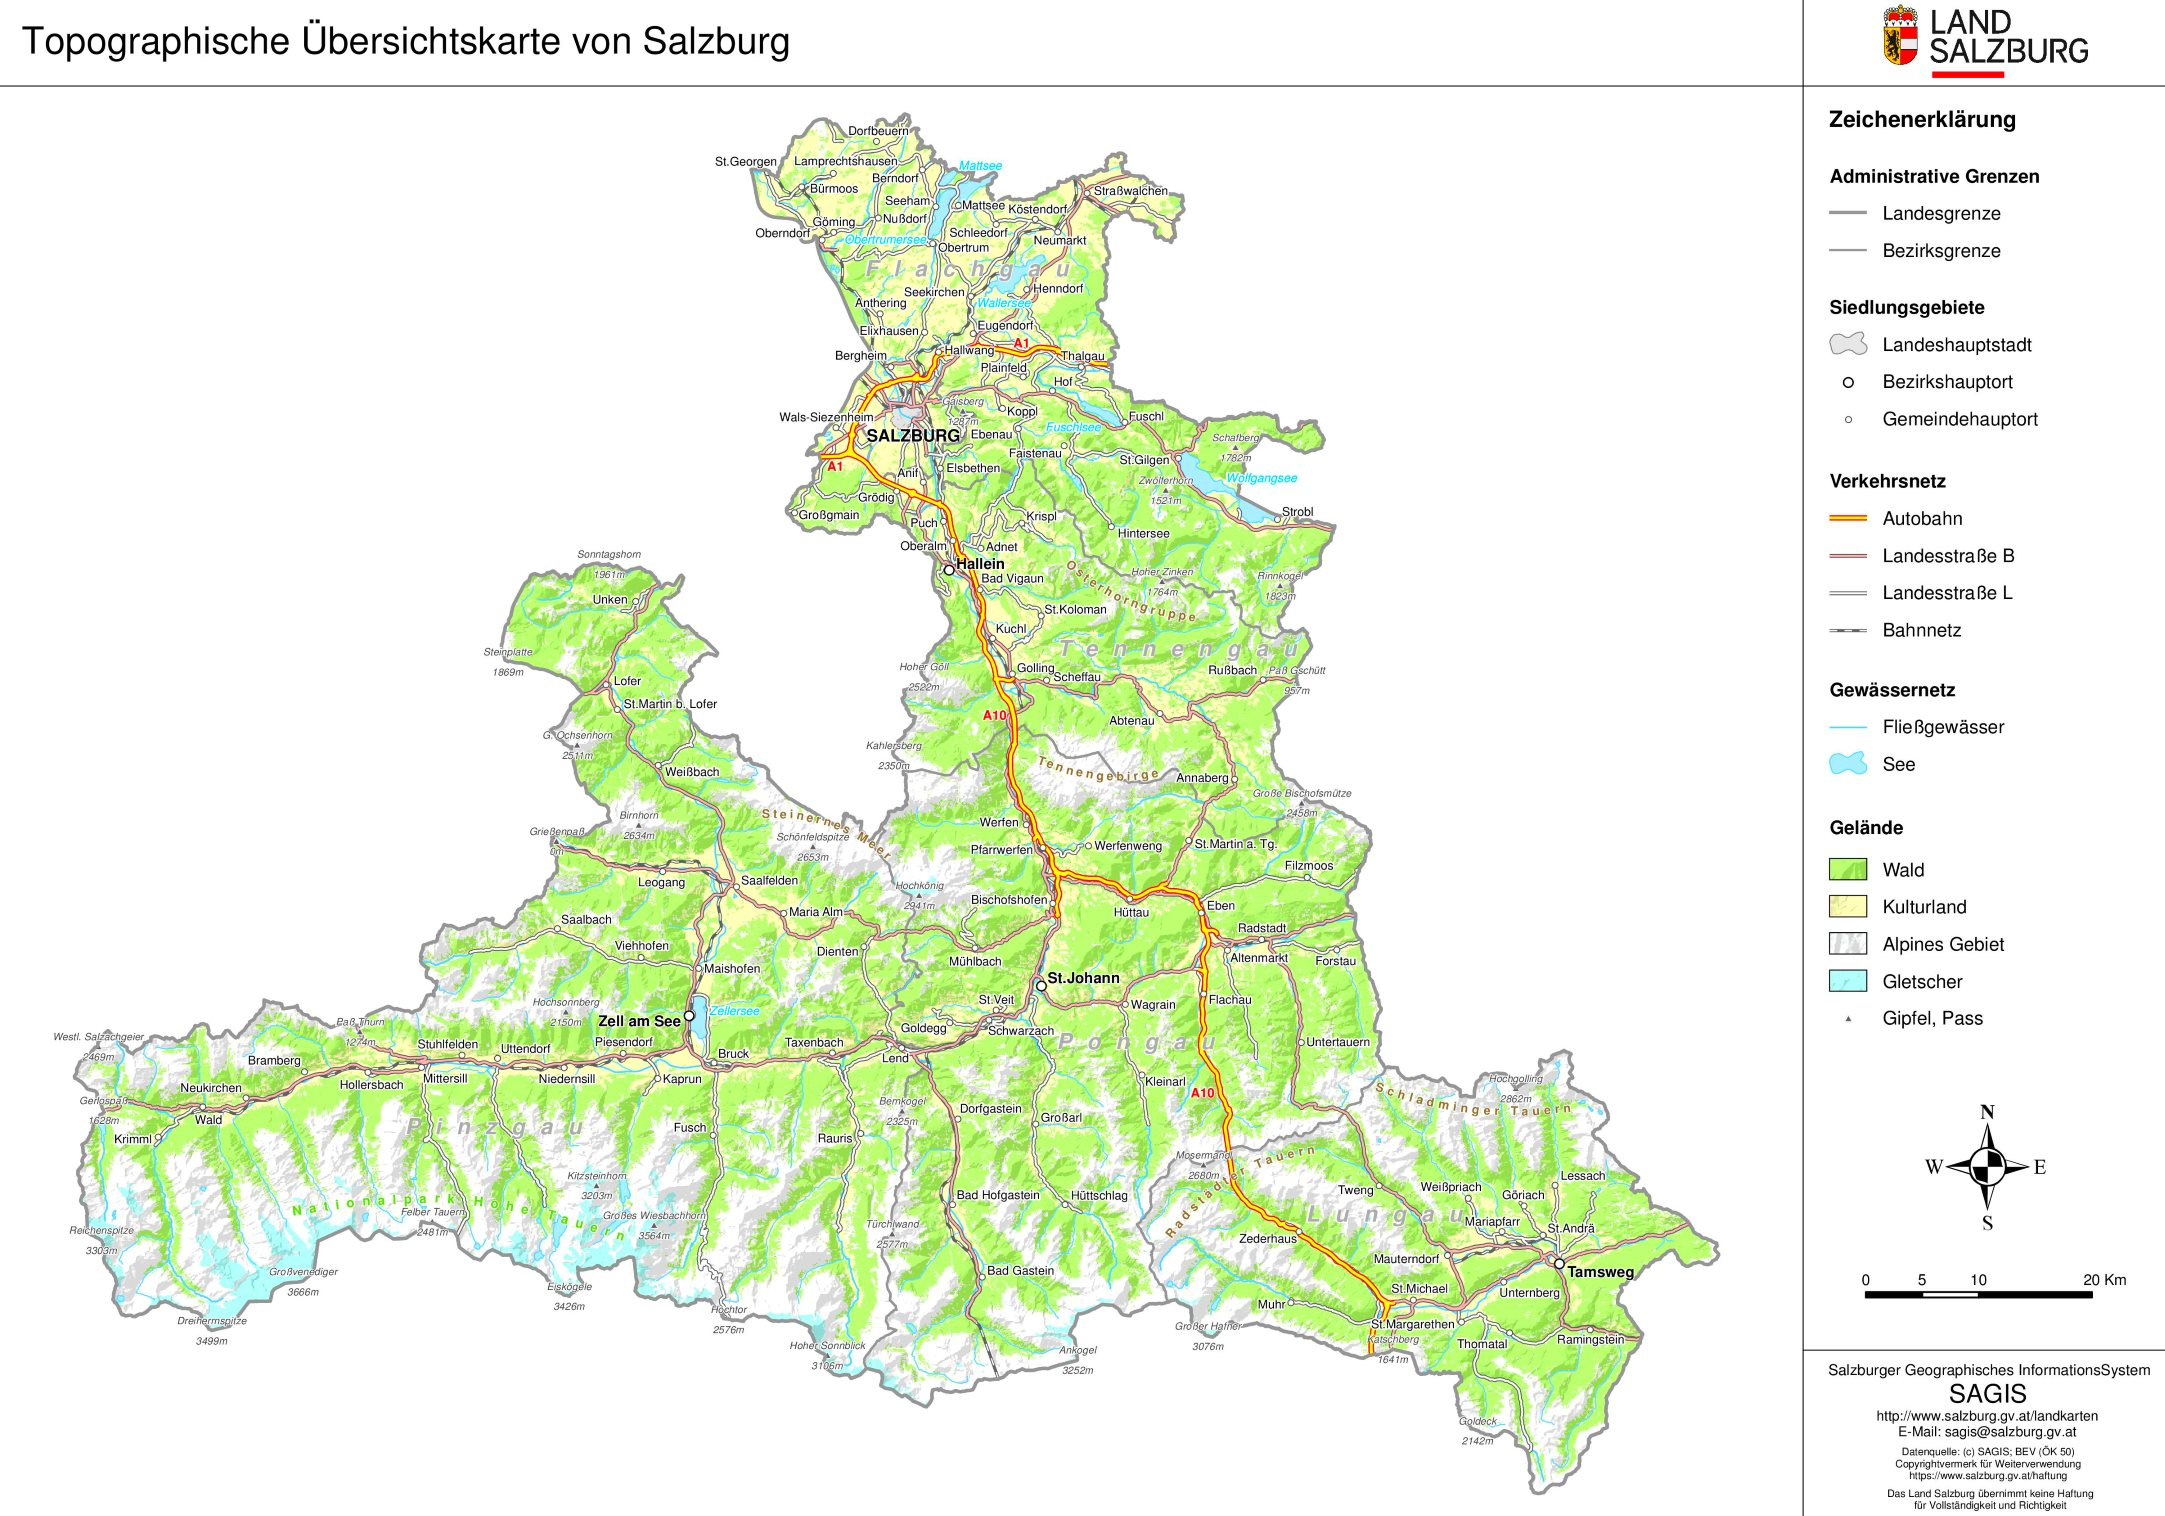 Topographische Ubersichtskarte Von Land Salzburg